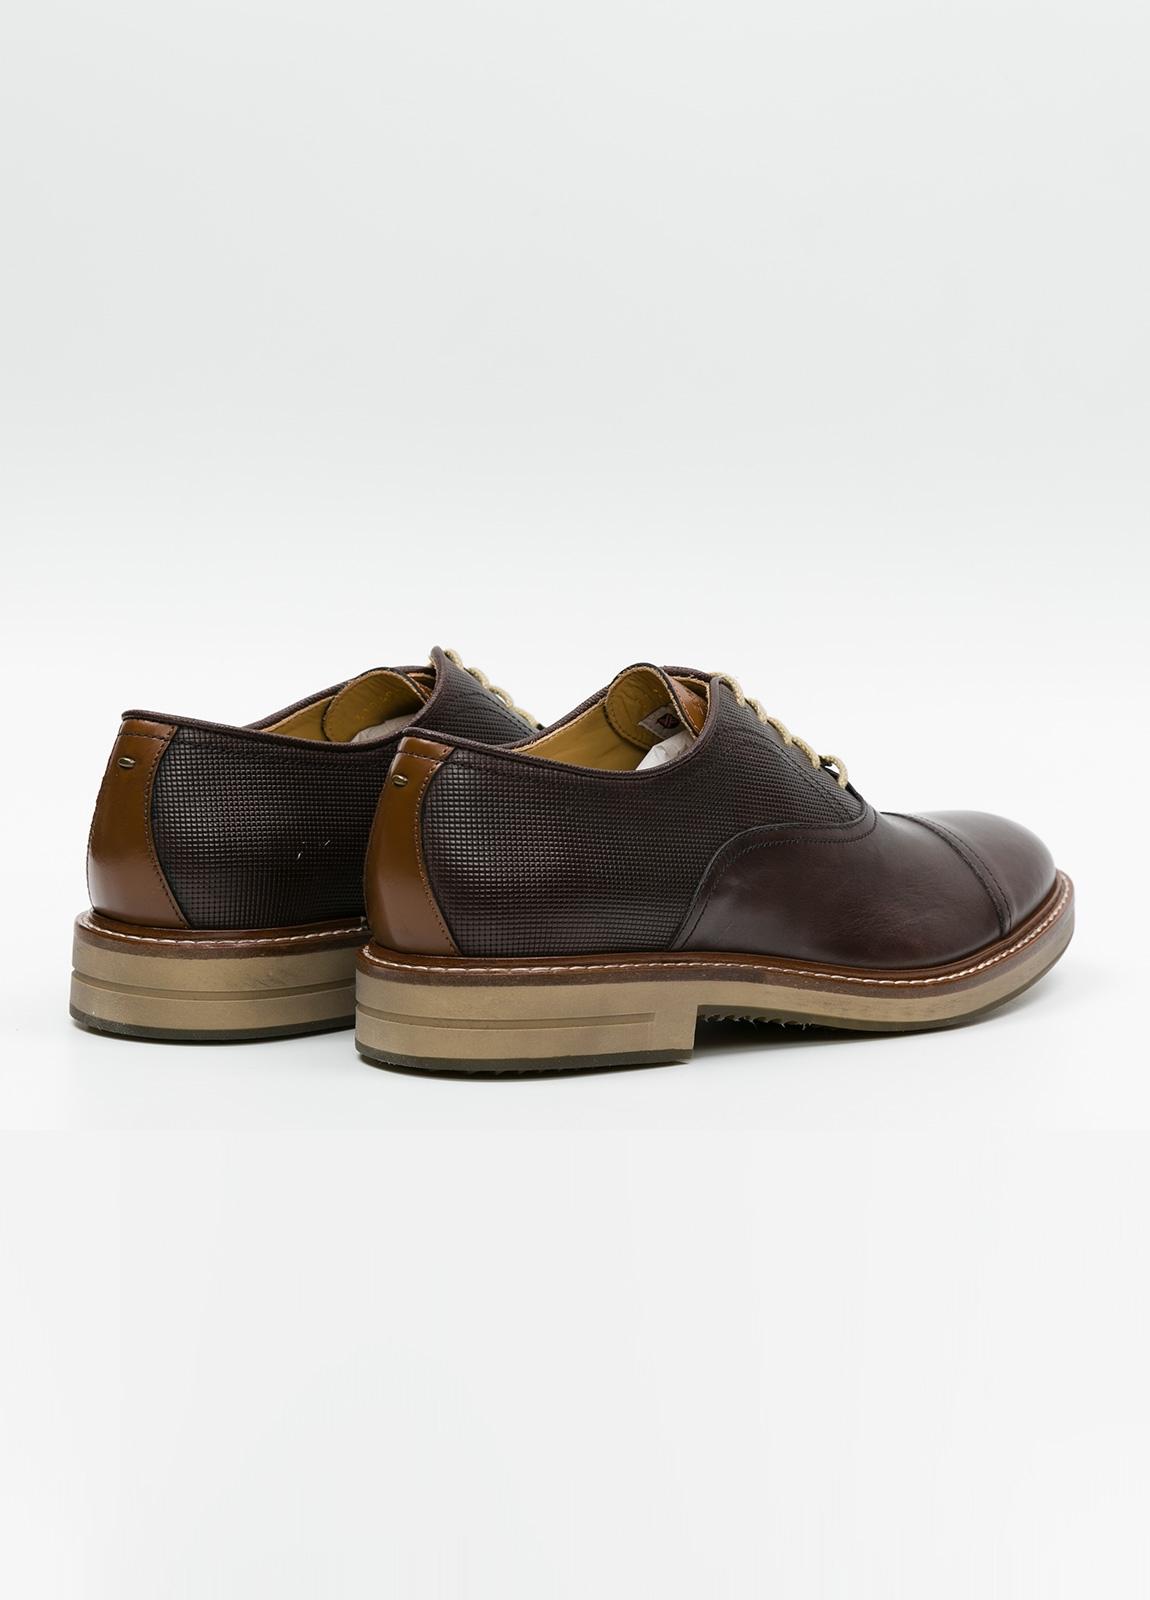 Zapato Formal Wear con cordones color marrón combinación de piel lisa y grabada. 100% Piel. - Ítem1